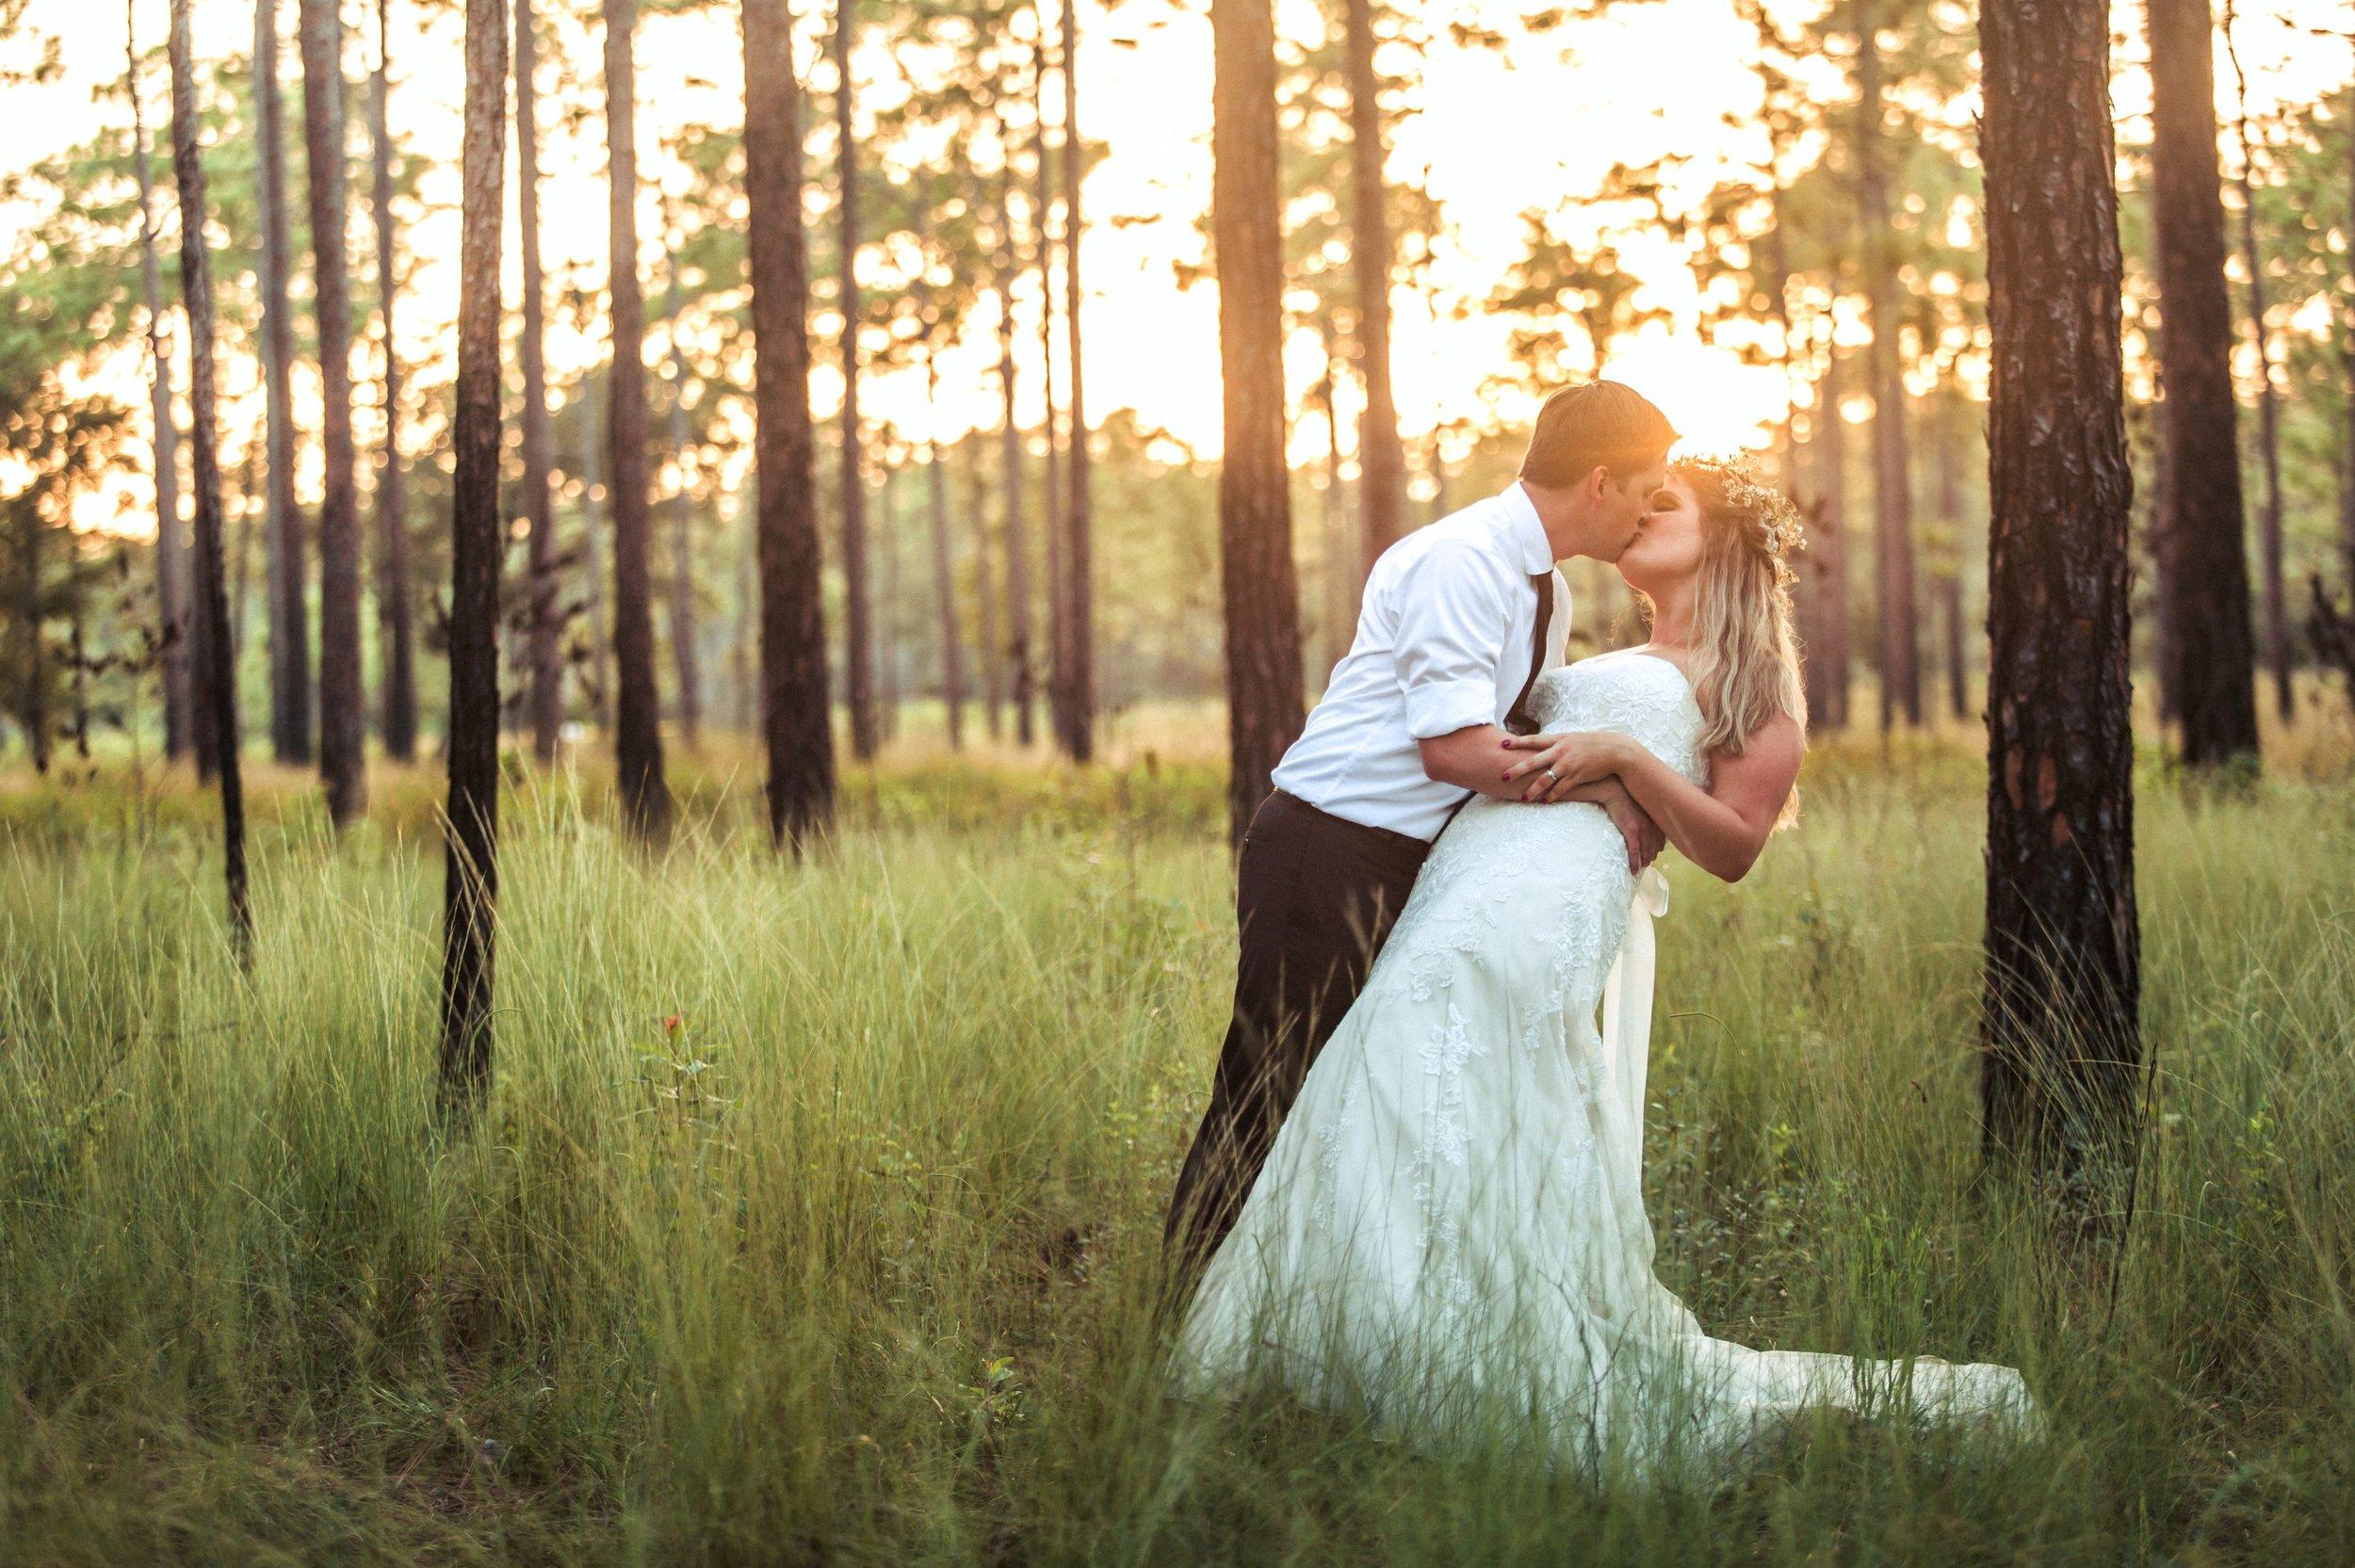 Wekiva Springs Wedding Photoshoot natural bride groom Heck Yeah Presets 37.jpg